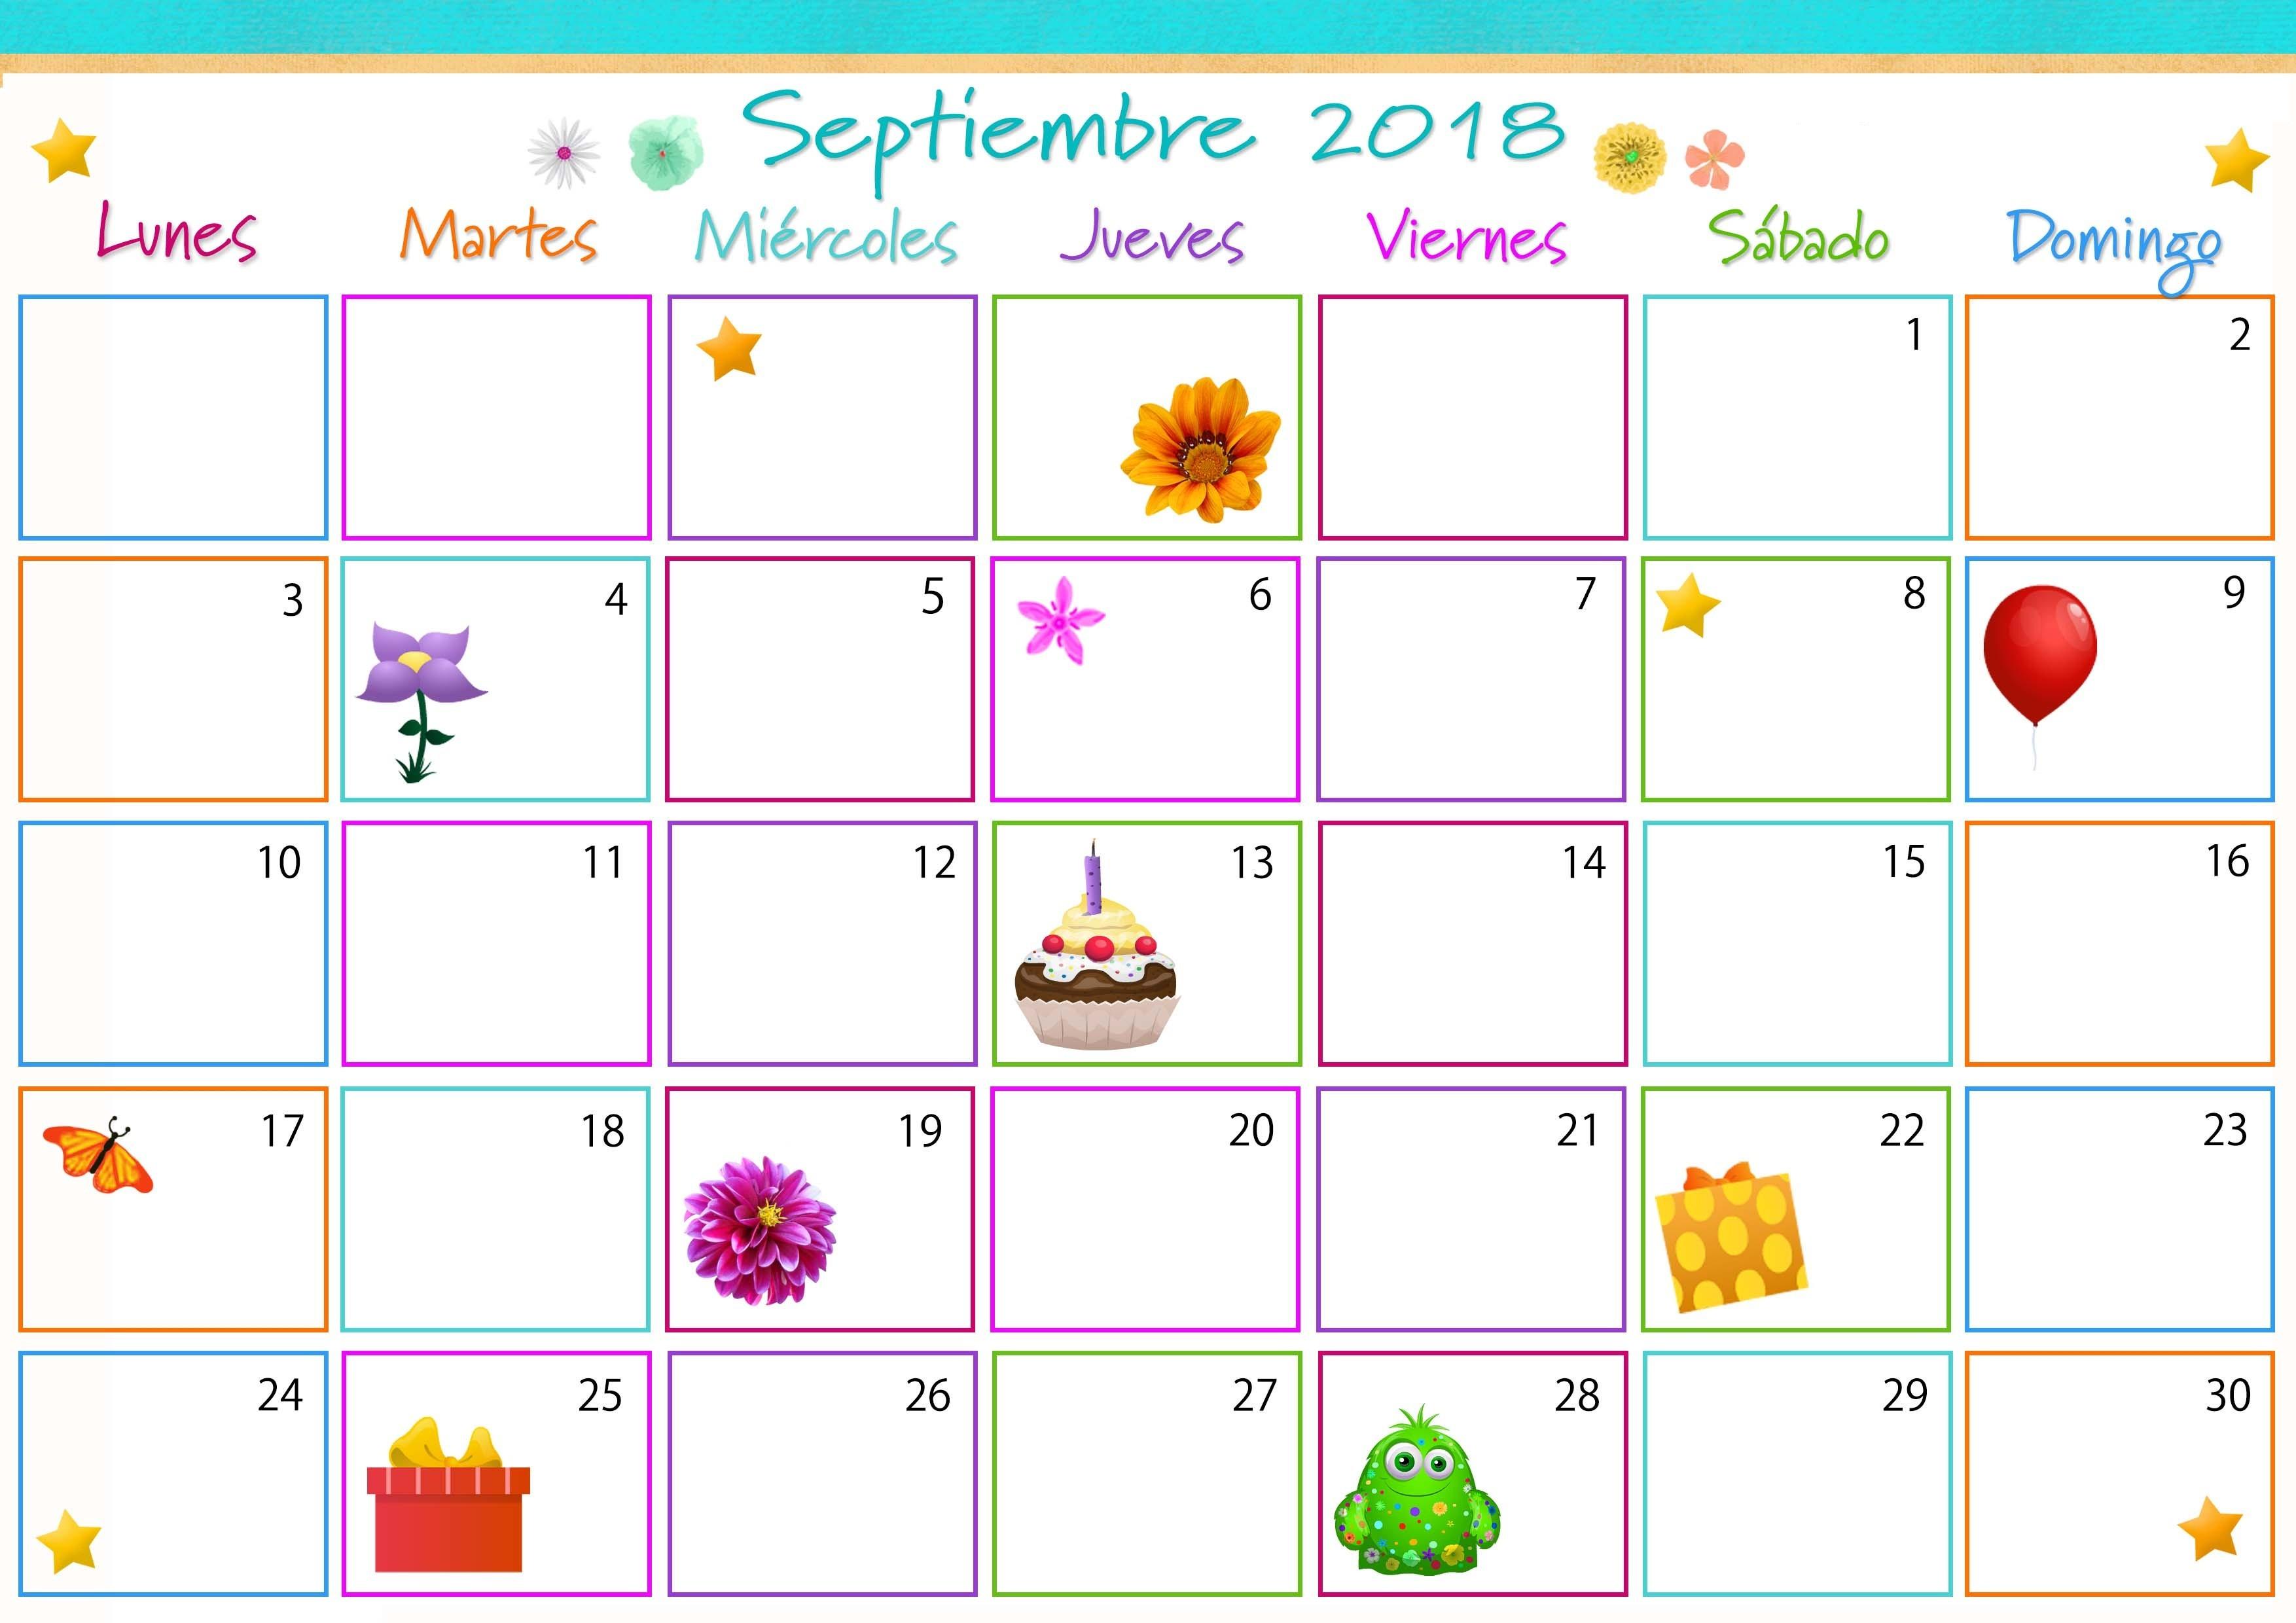 Calendario Imprimir 2019 Enero Actual Calendario Para Imprimir Of Calendario Imprimir 2019 Enero Recientes Stylish 2019 September Calendar 2019calendar Printablecalendar